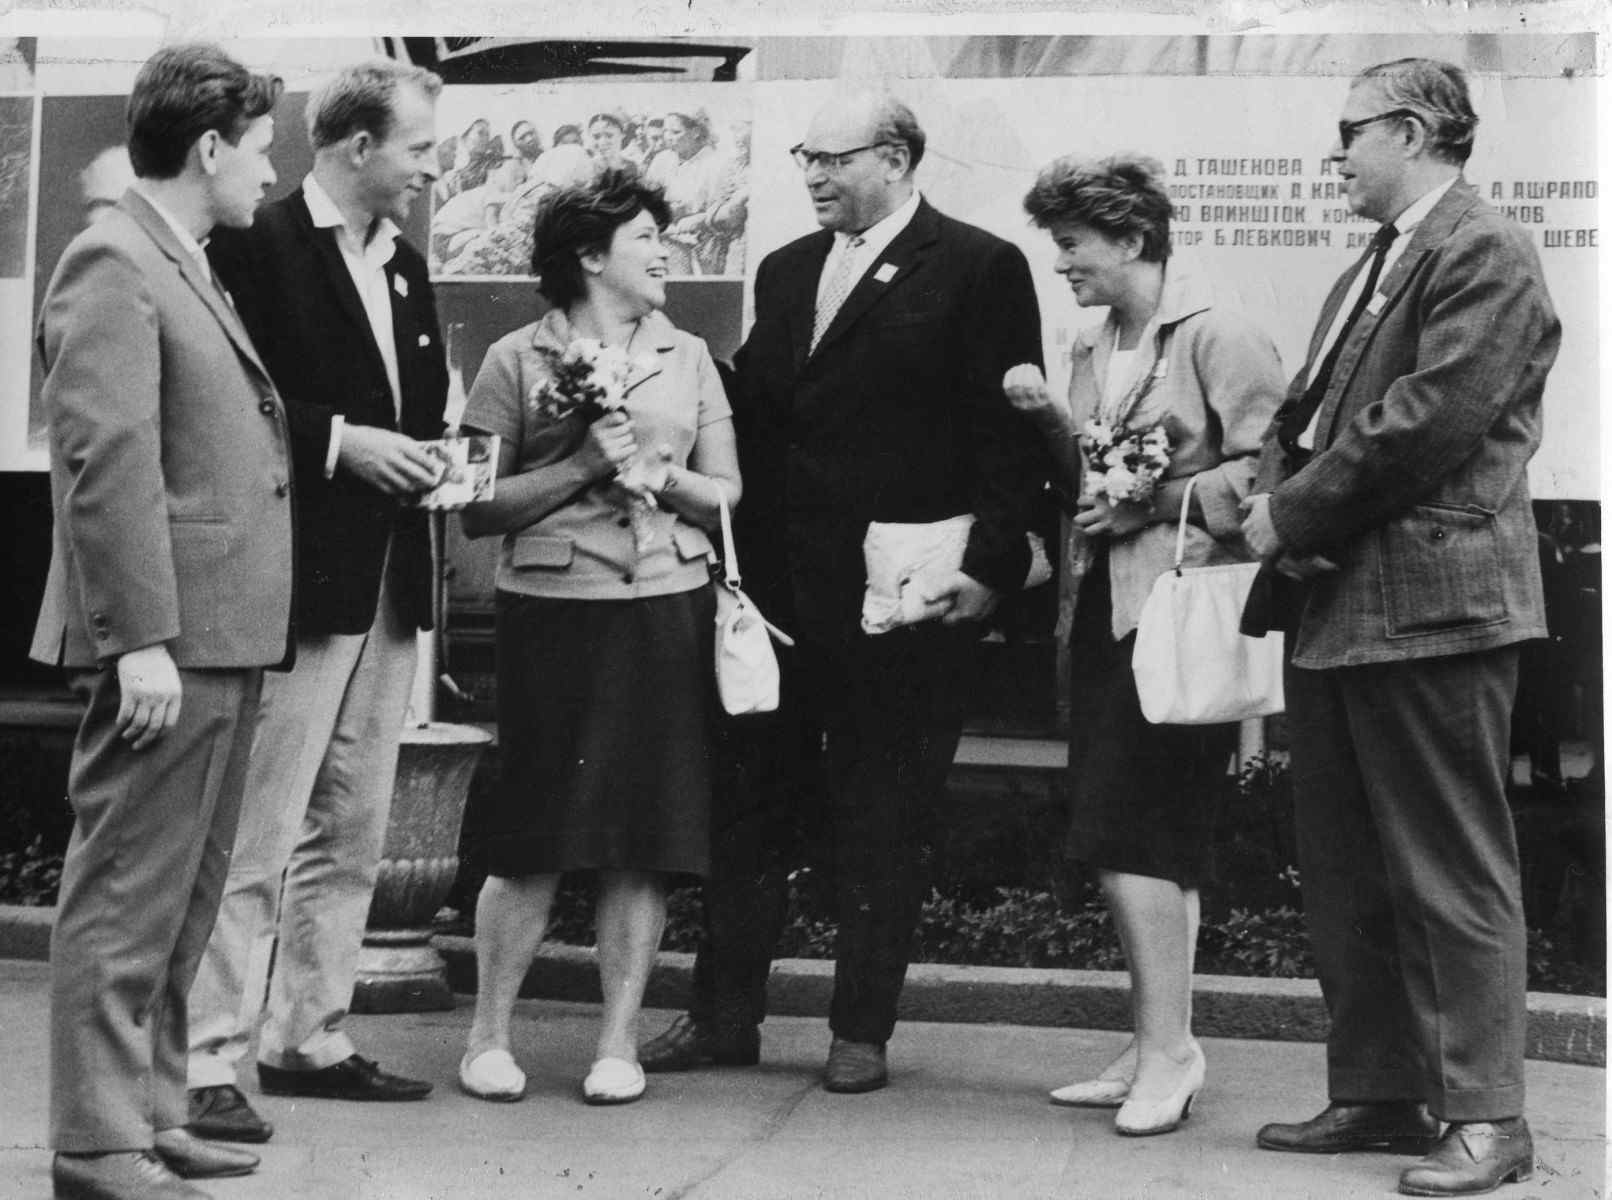 Экспонат #44. Первый Всесоюзной кинофестиваль в Ленинграде. 1964 год